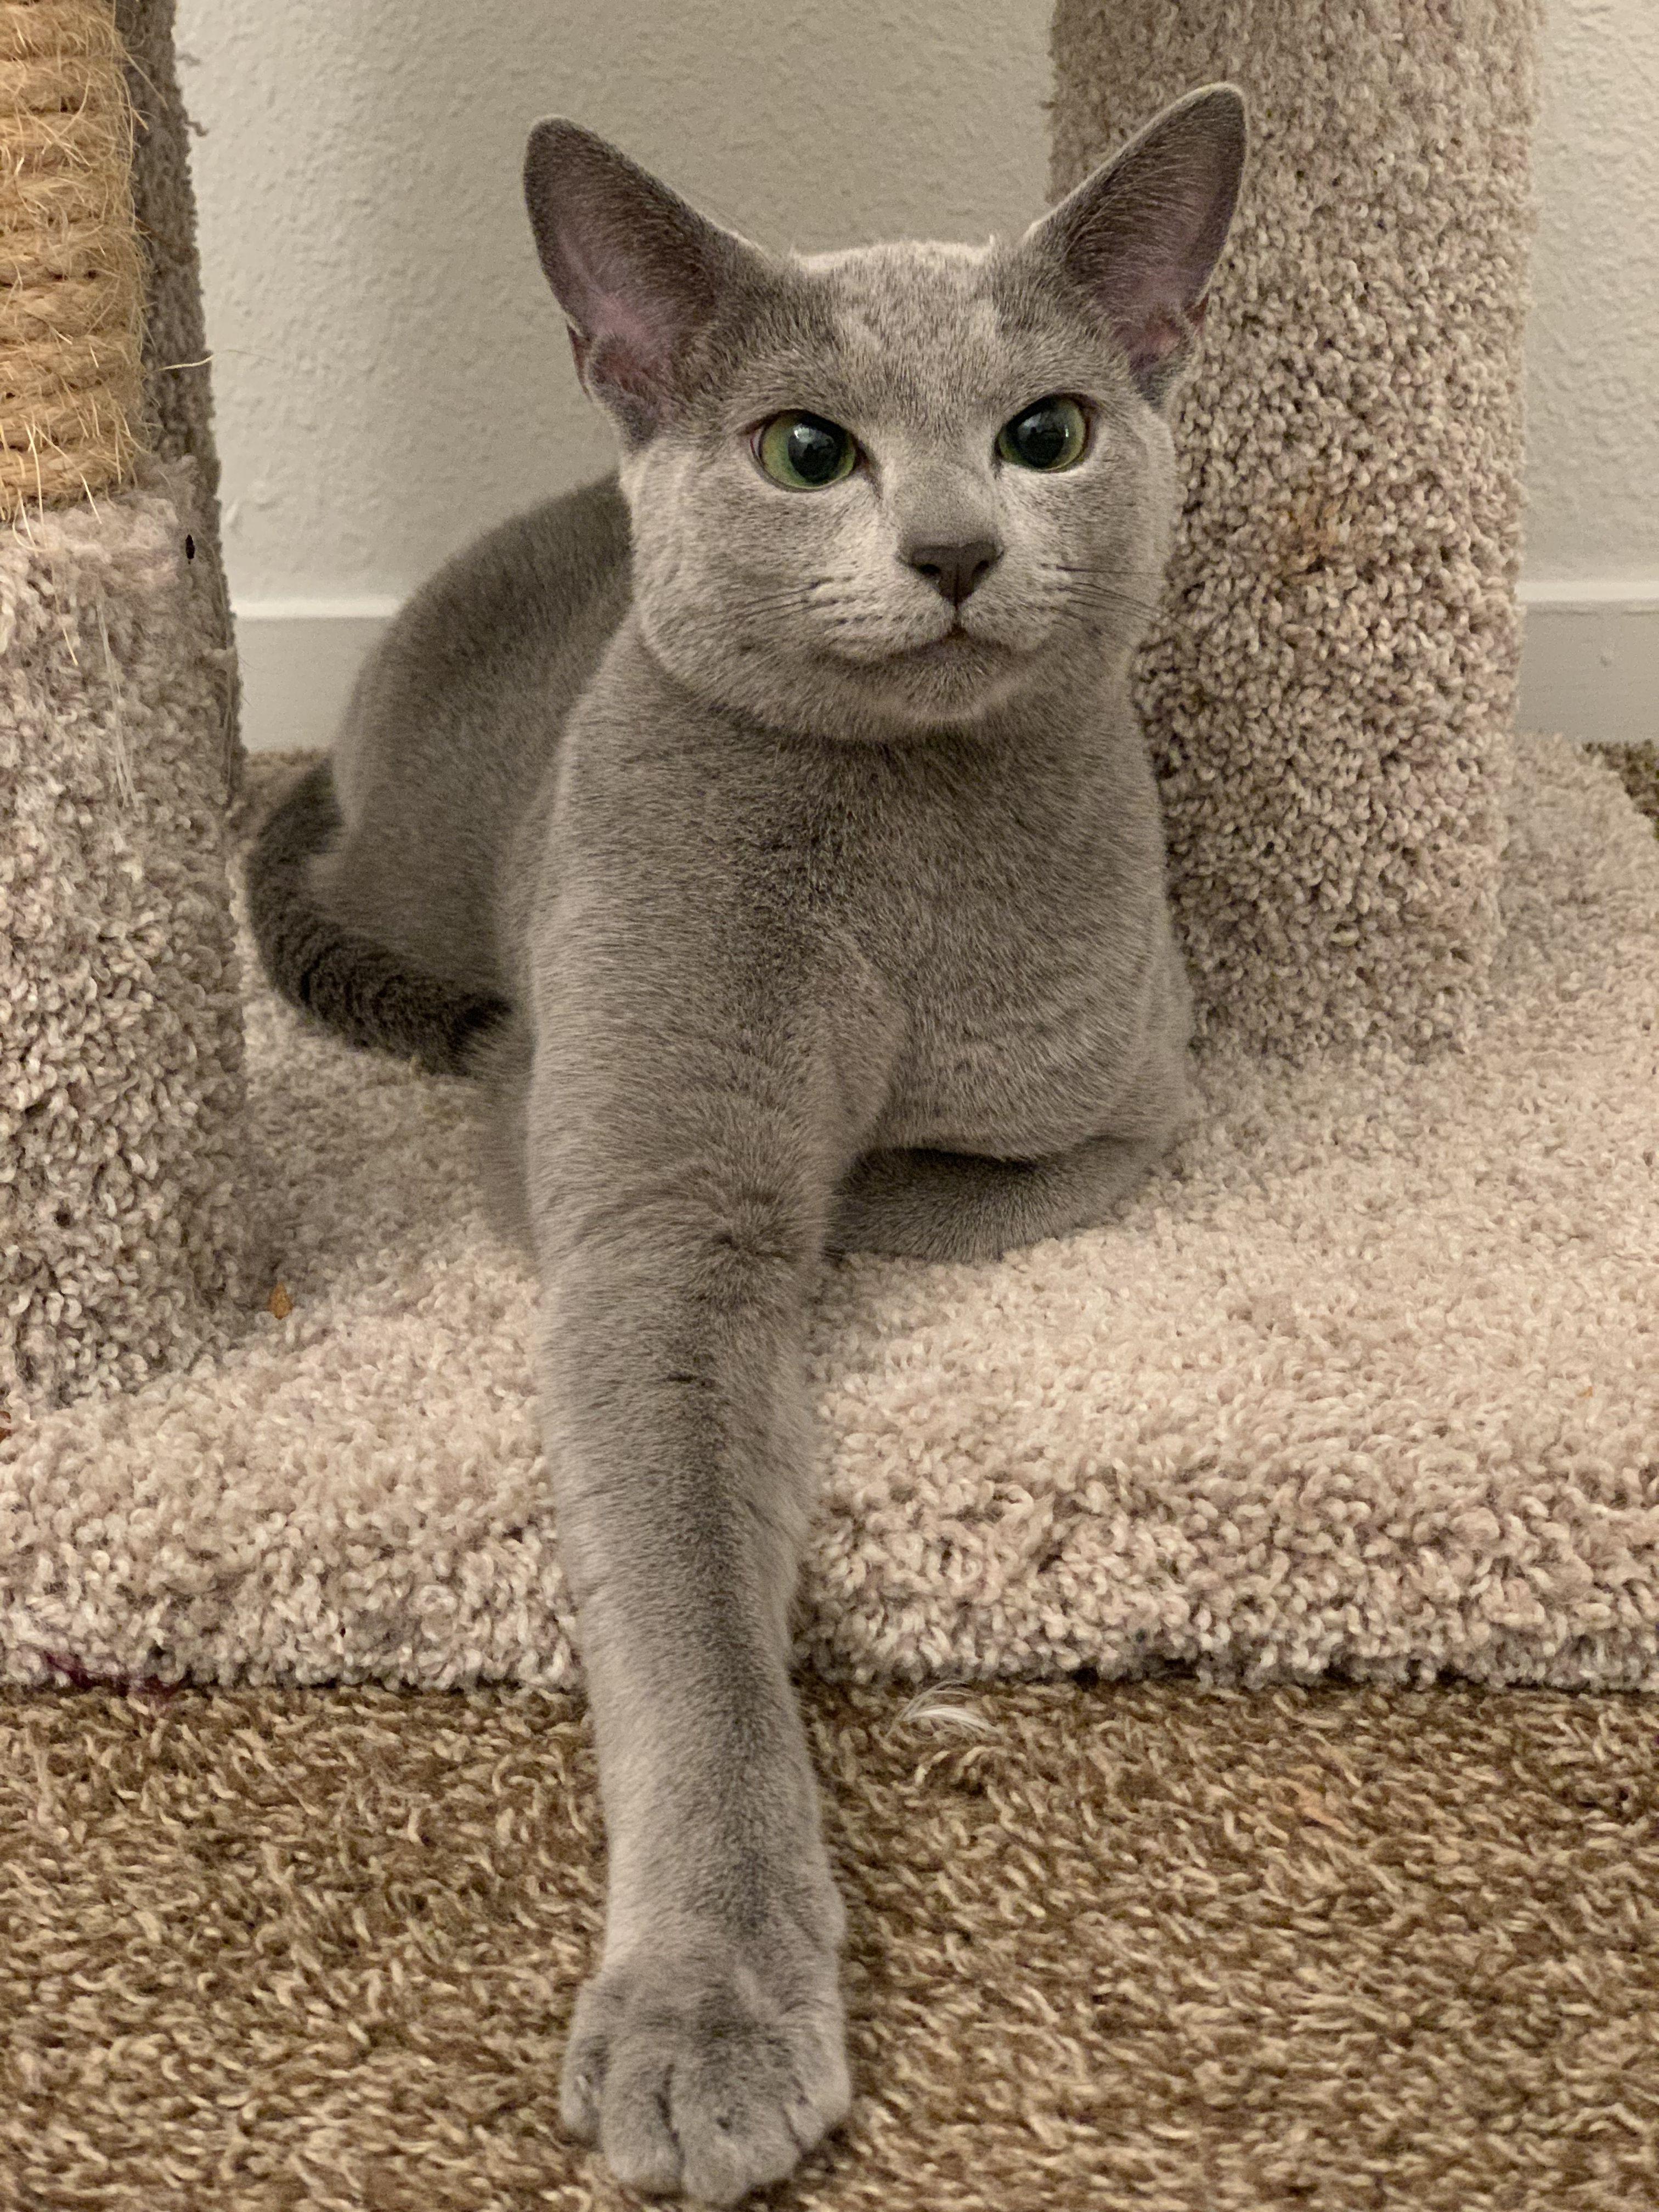 Russian blue cat Russian blue, Russian blue cat, Russian cat